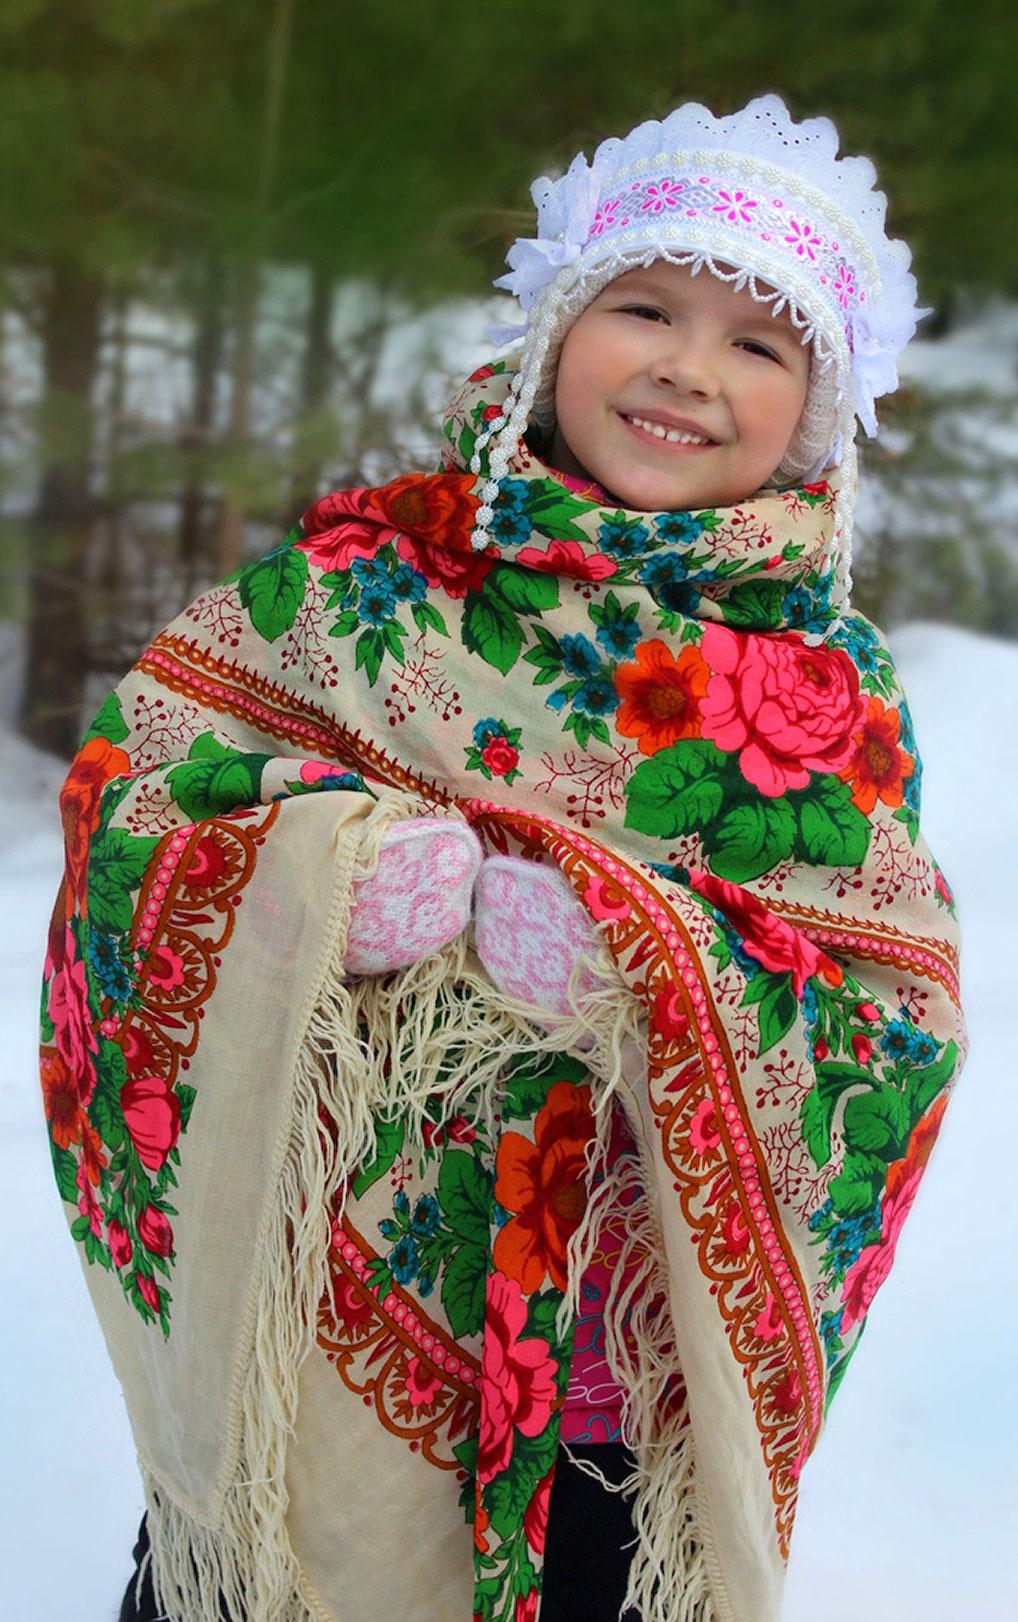 №2 Русская красавица, как же хороша! Счастьем улыбается у тебя душа.  Автор: Екатерина Крылова